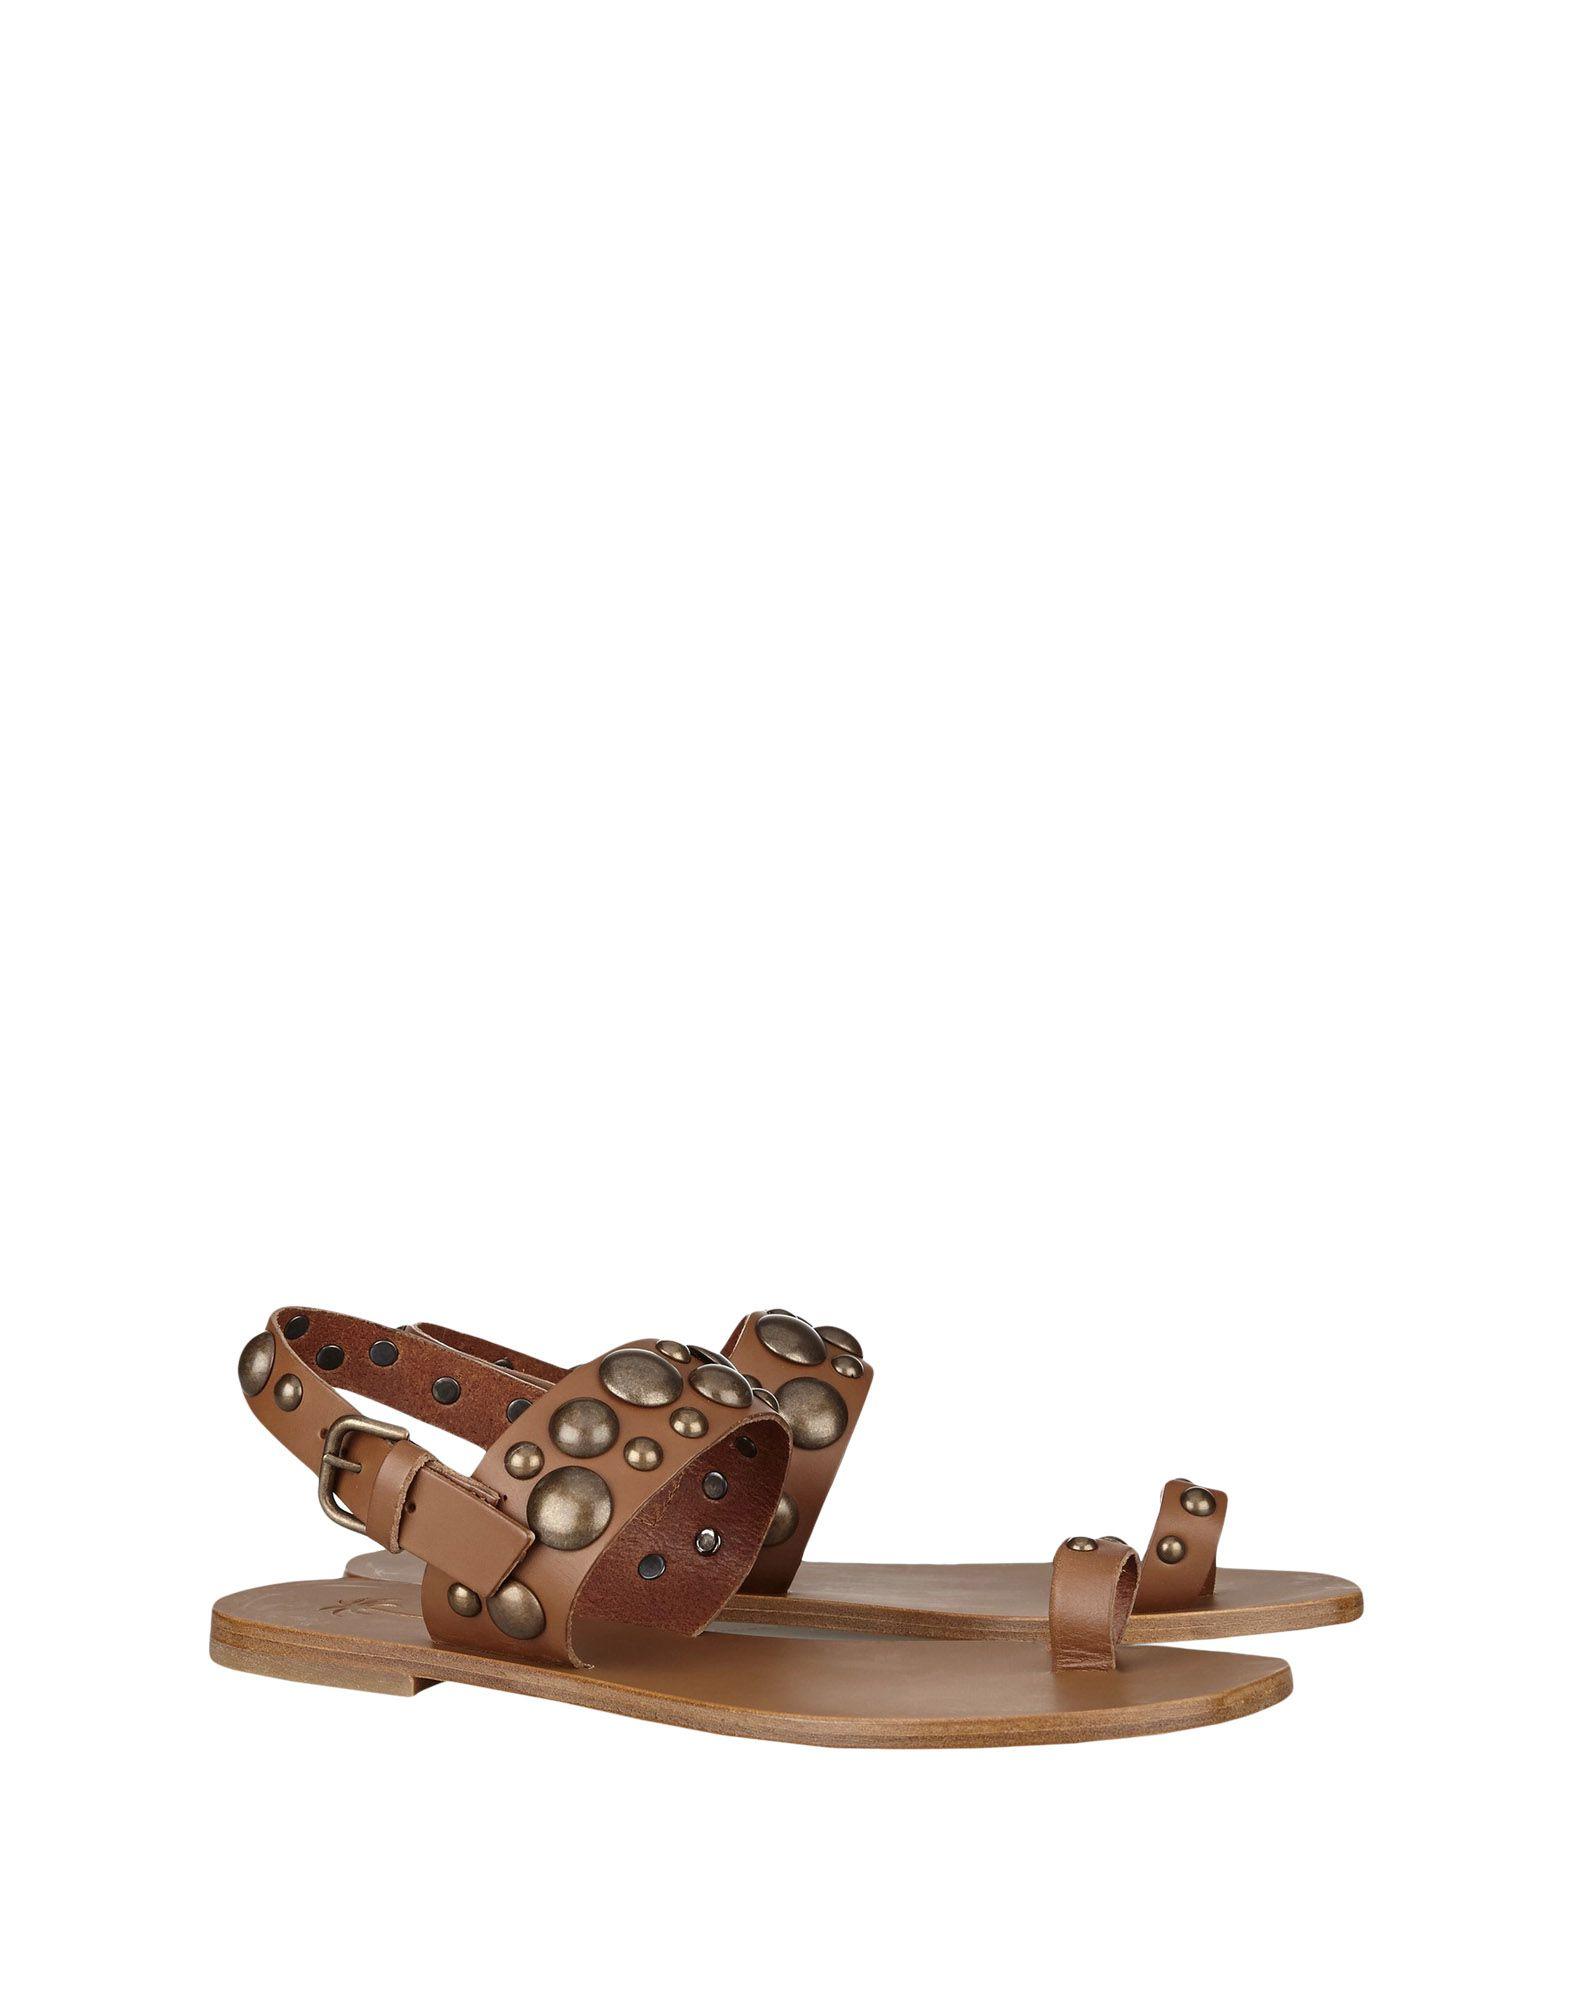 Stilvolle Dianetten billige Schuhe Tomas Maier Dianetten Stilvolle Damen  11515014XT 04359e